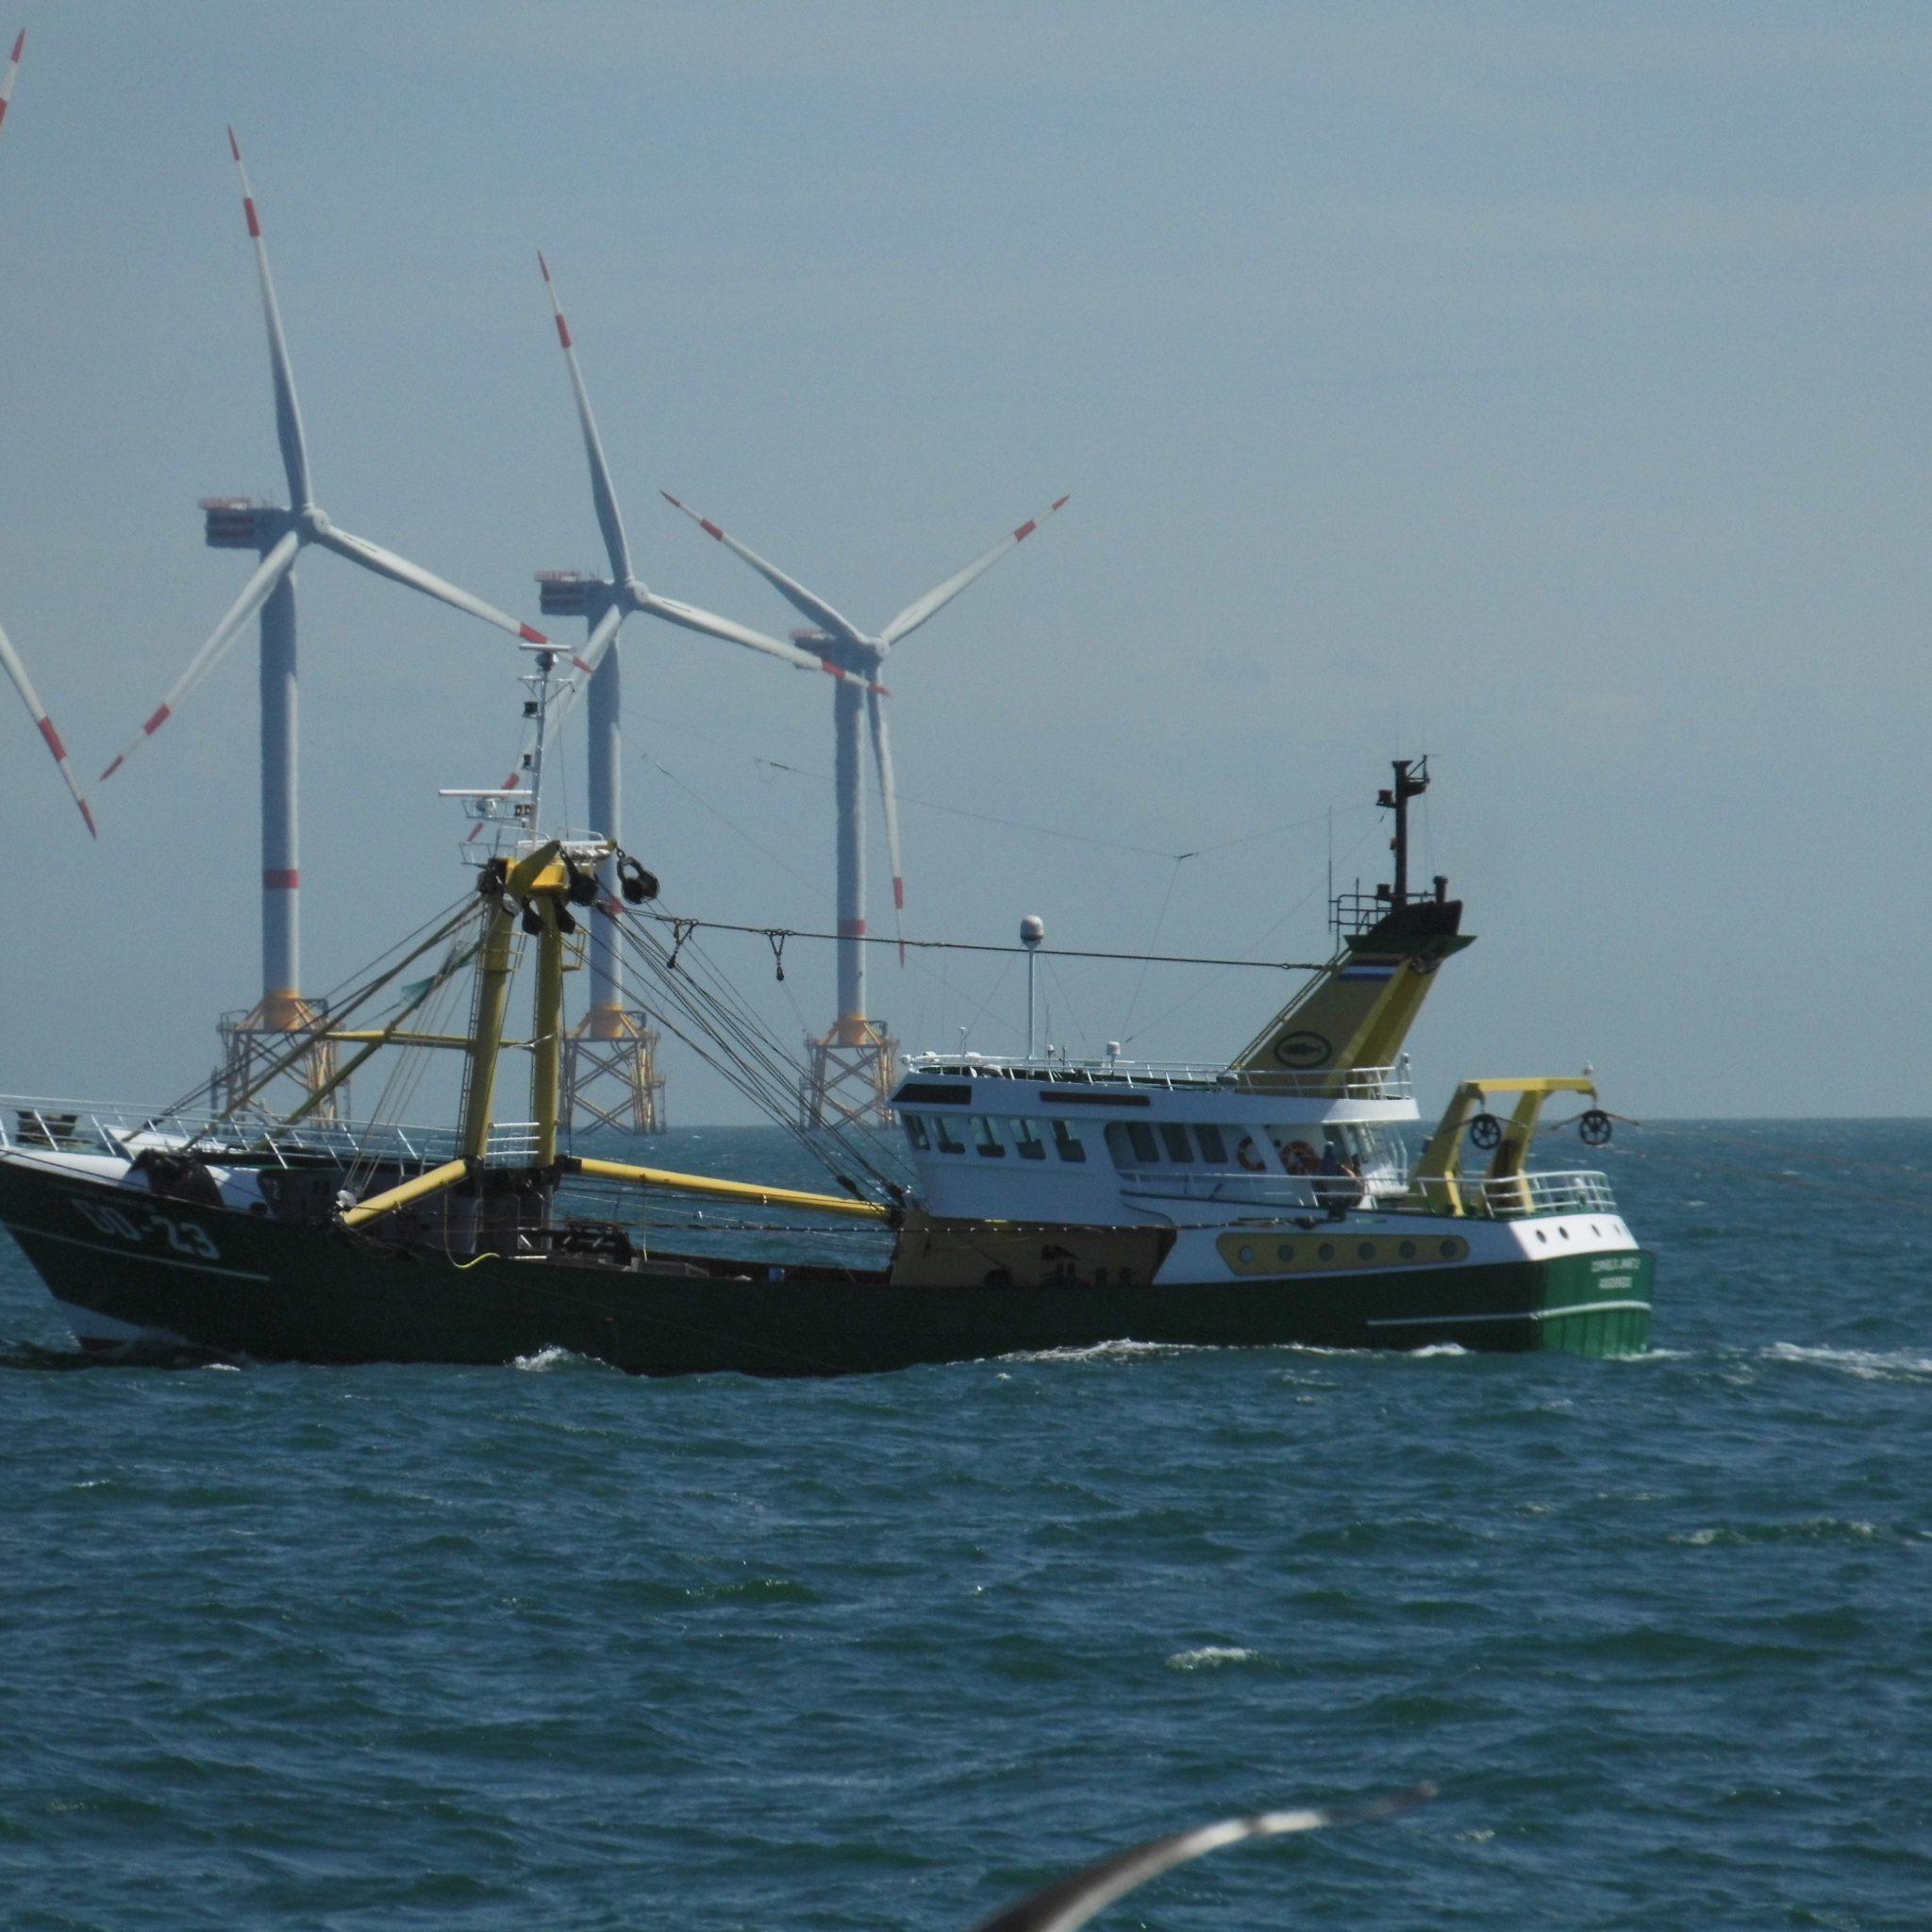 De kottervloot verliest op zee veel ruimte aan de aanleg van windparken. (Foto W.M. den Heijer)